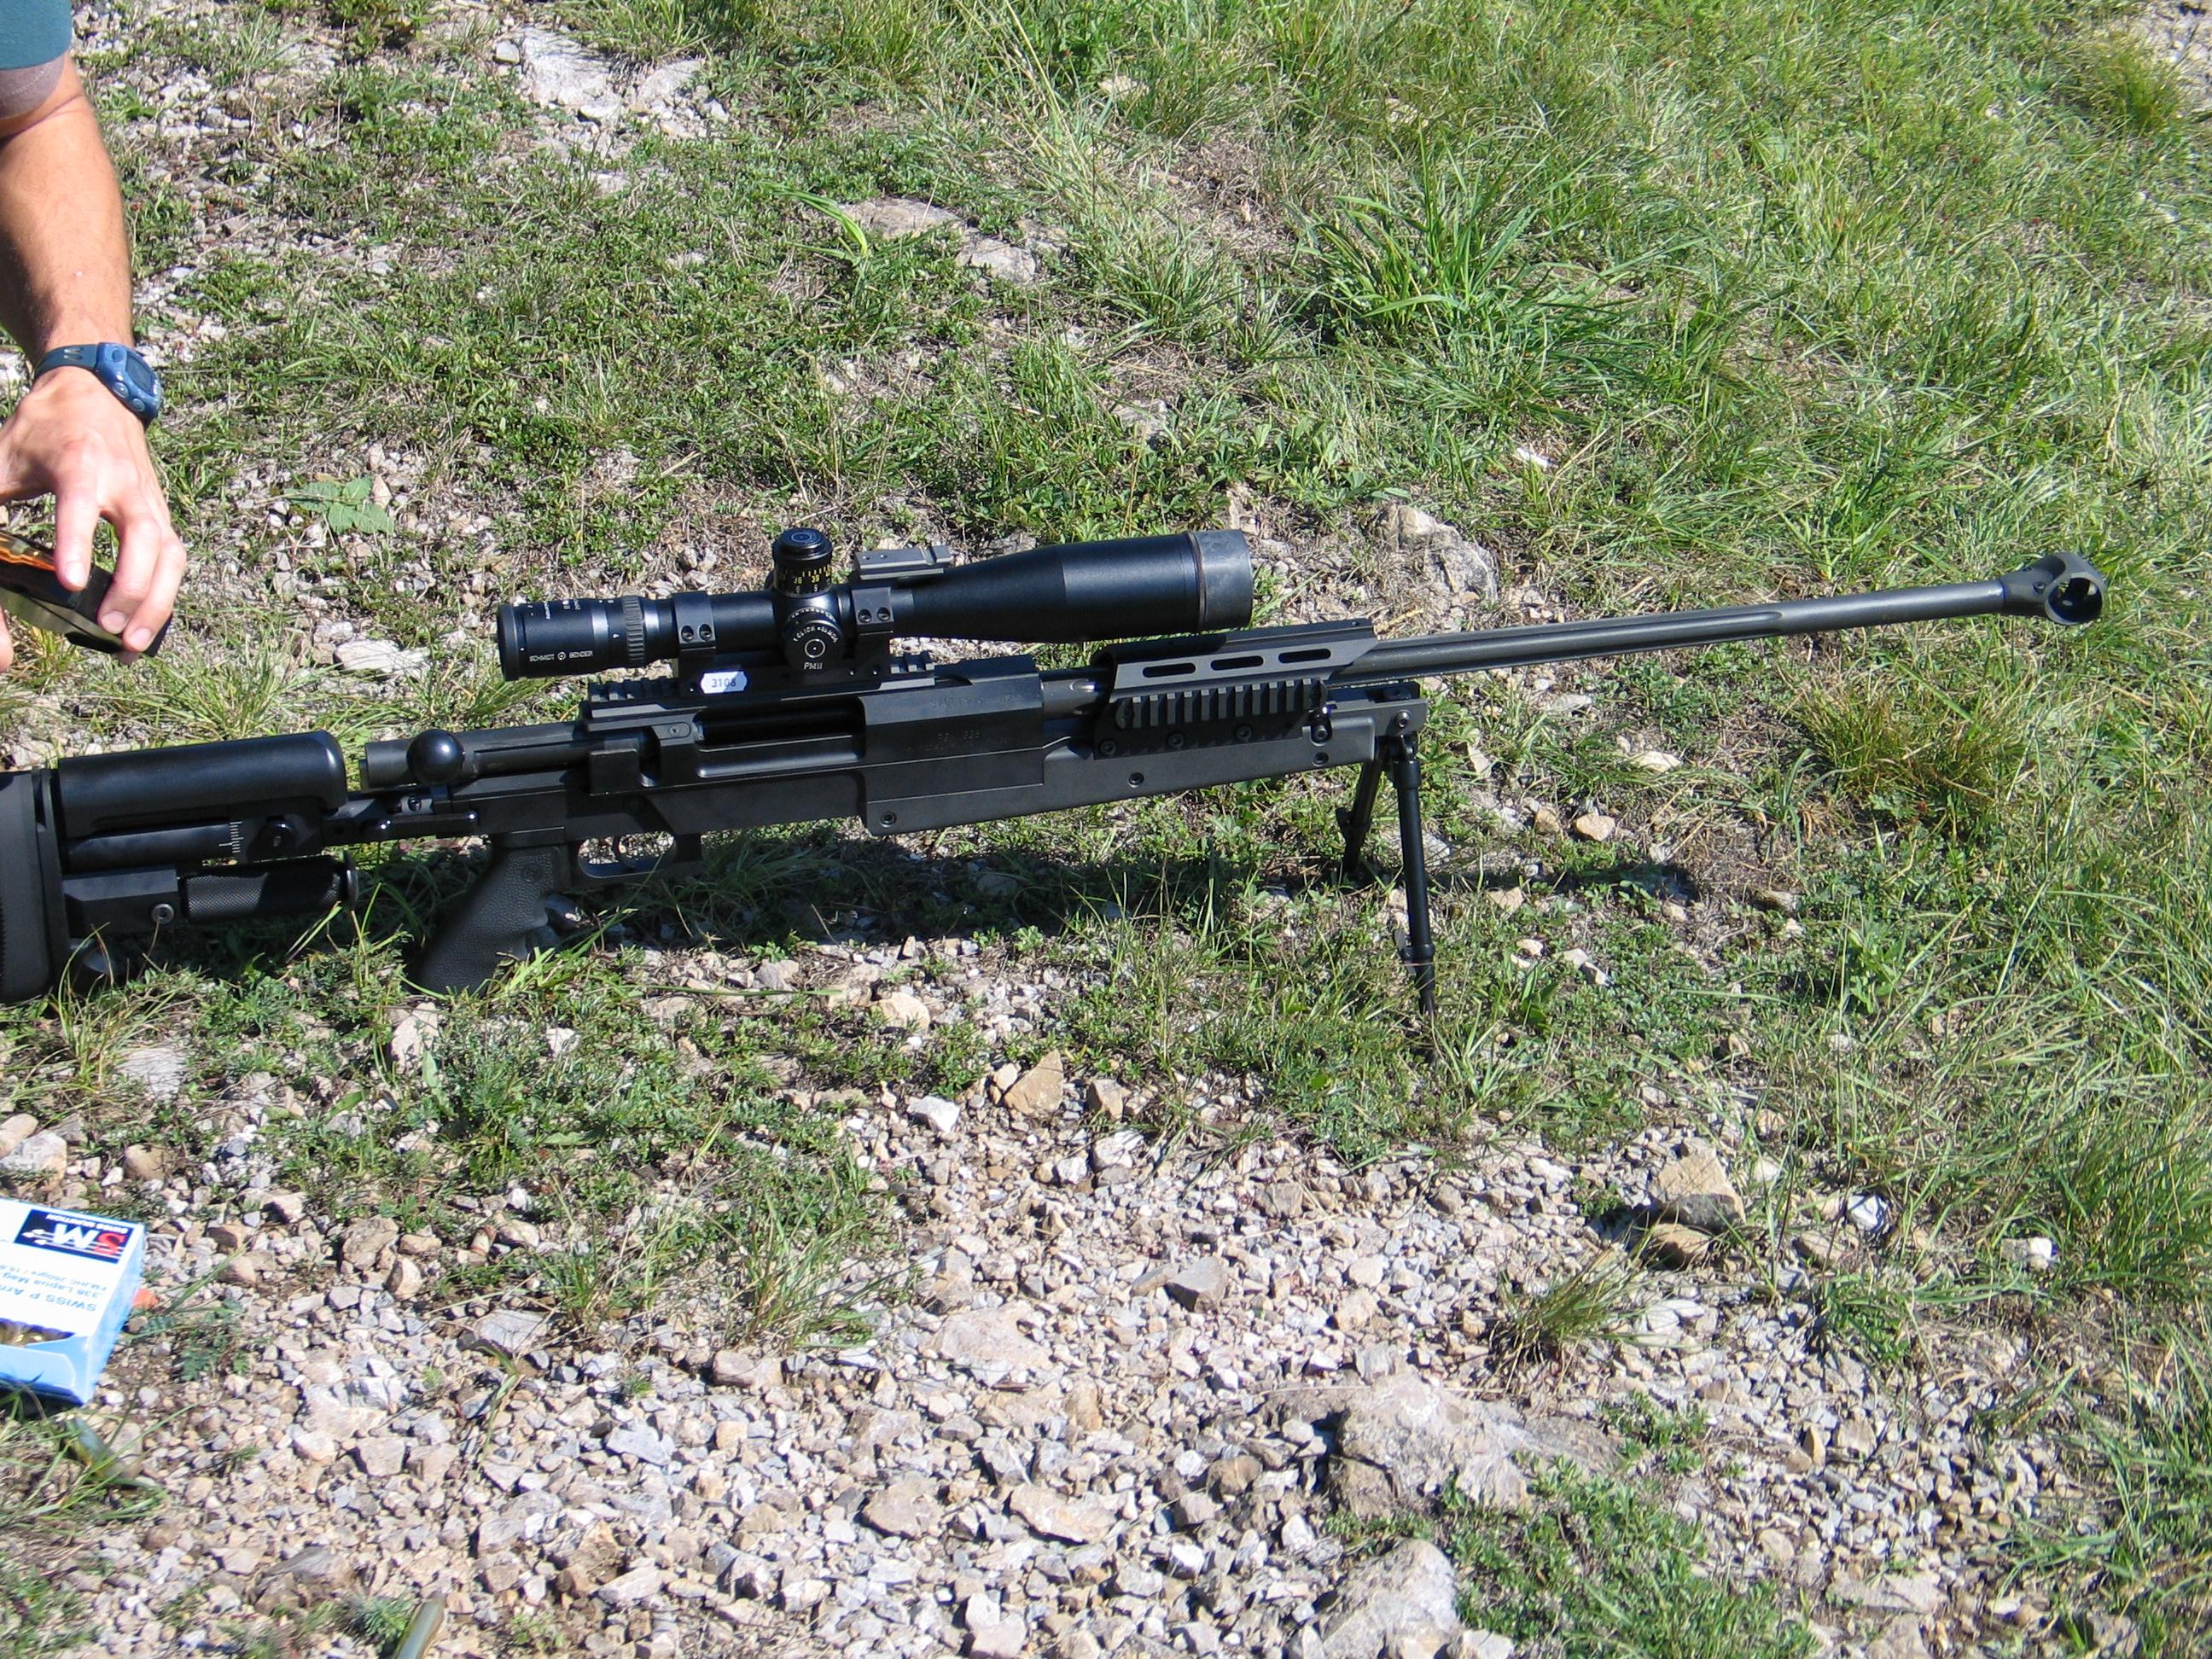 Lapua .338 Sniper Rifle Backgrounds, Compatible - PC, Mobile, Gadgets  2592x1944 px